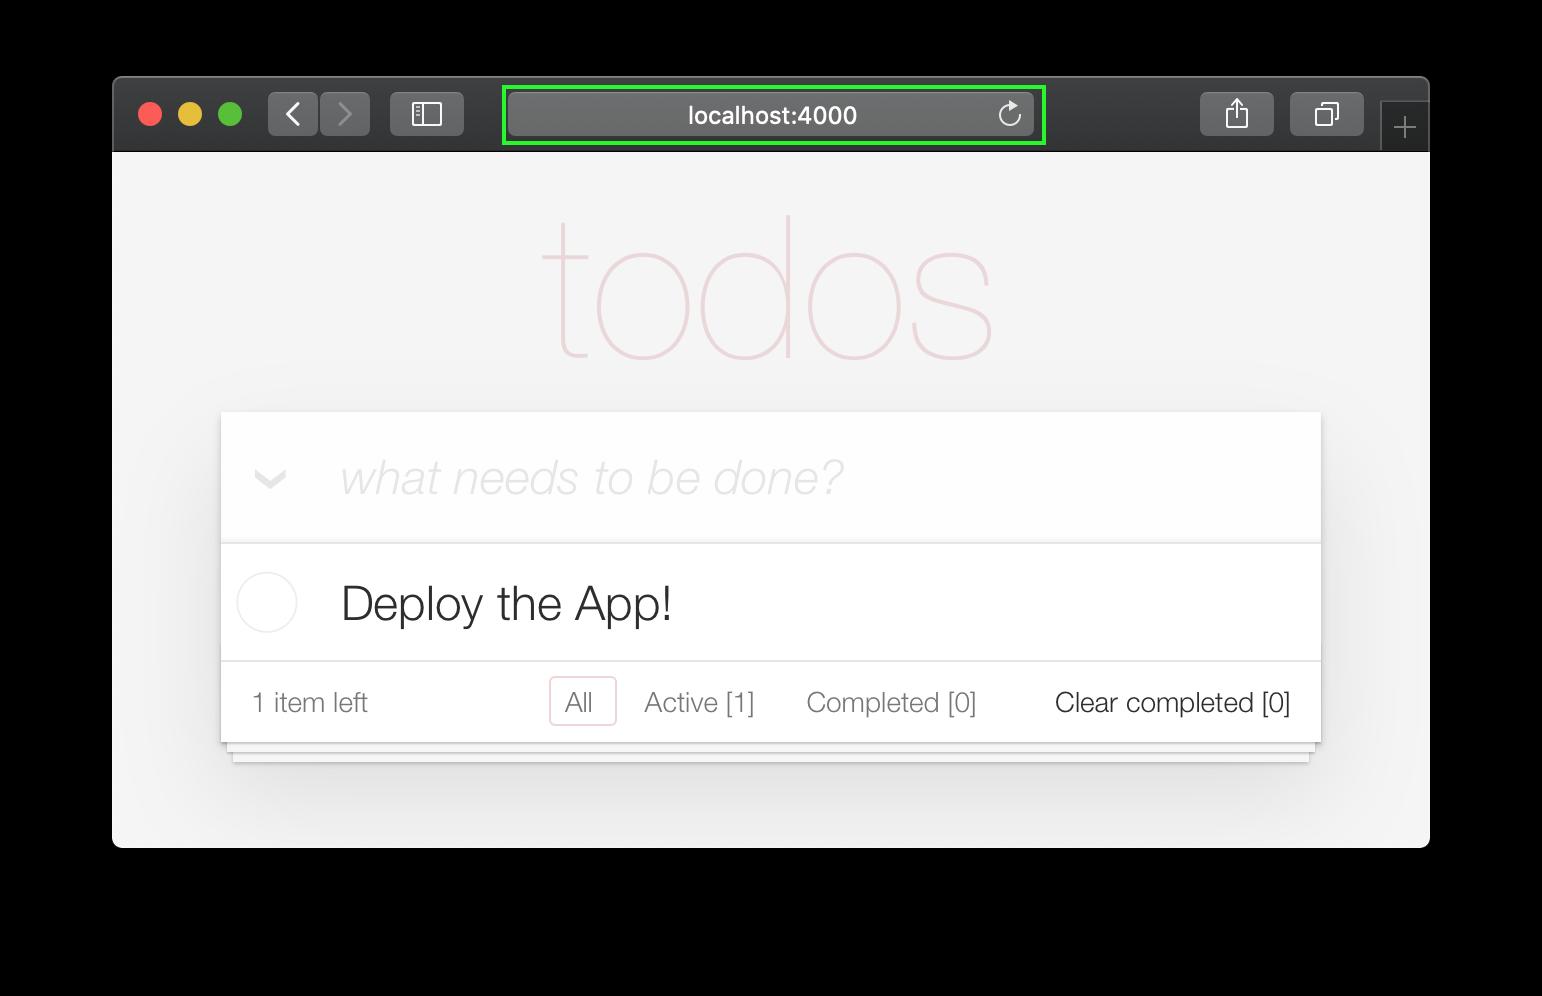 todo-app-on-homepage